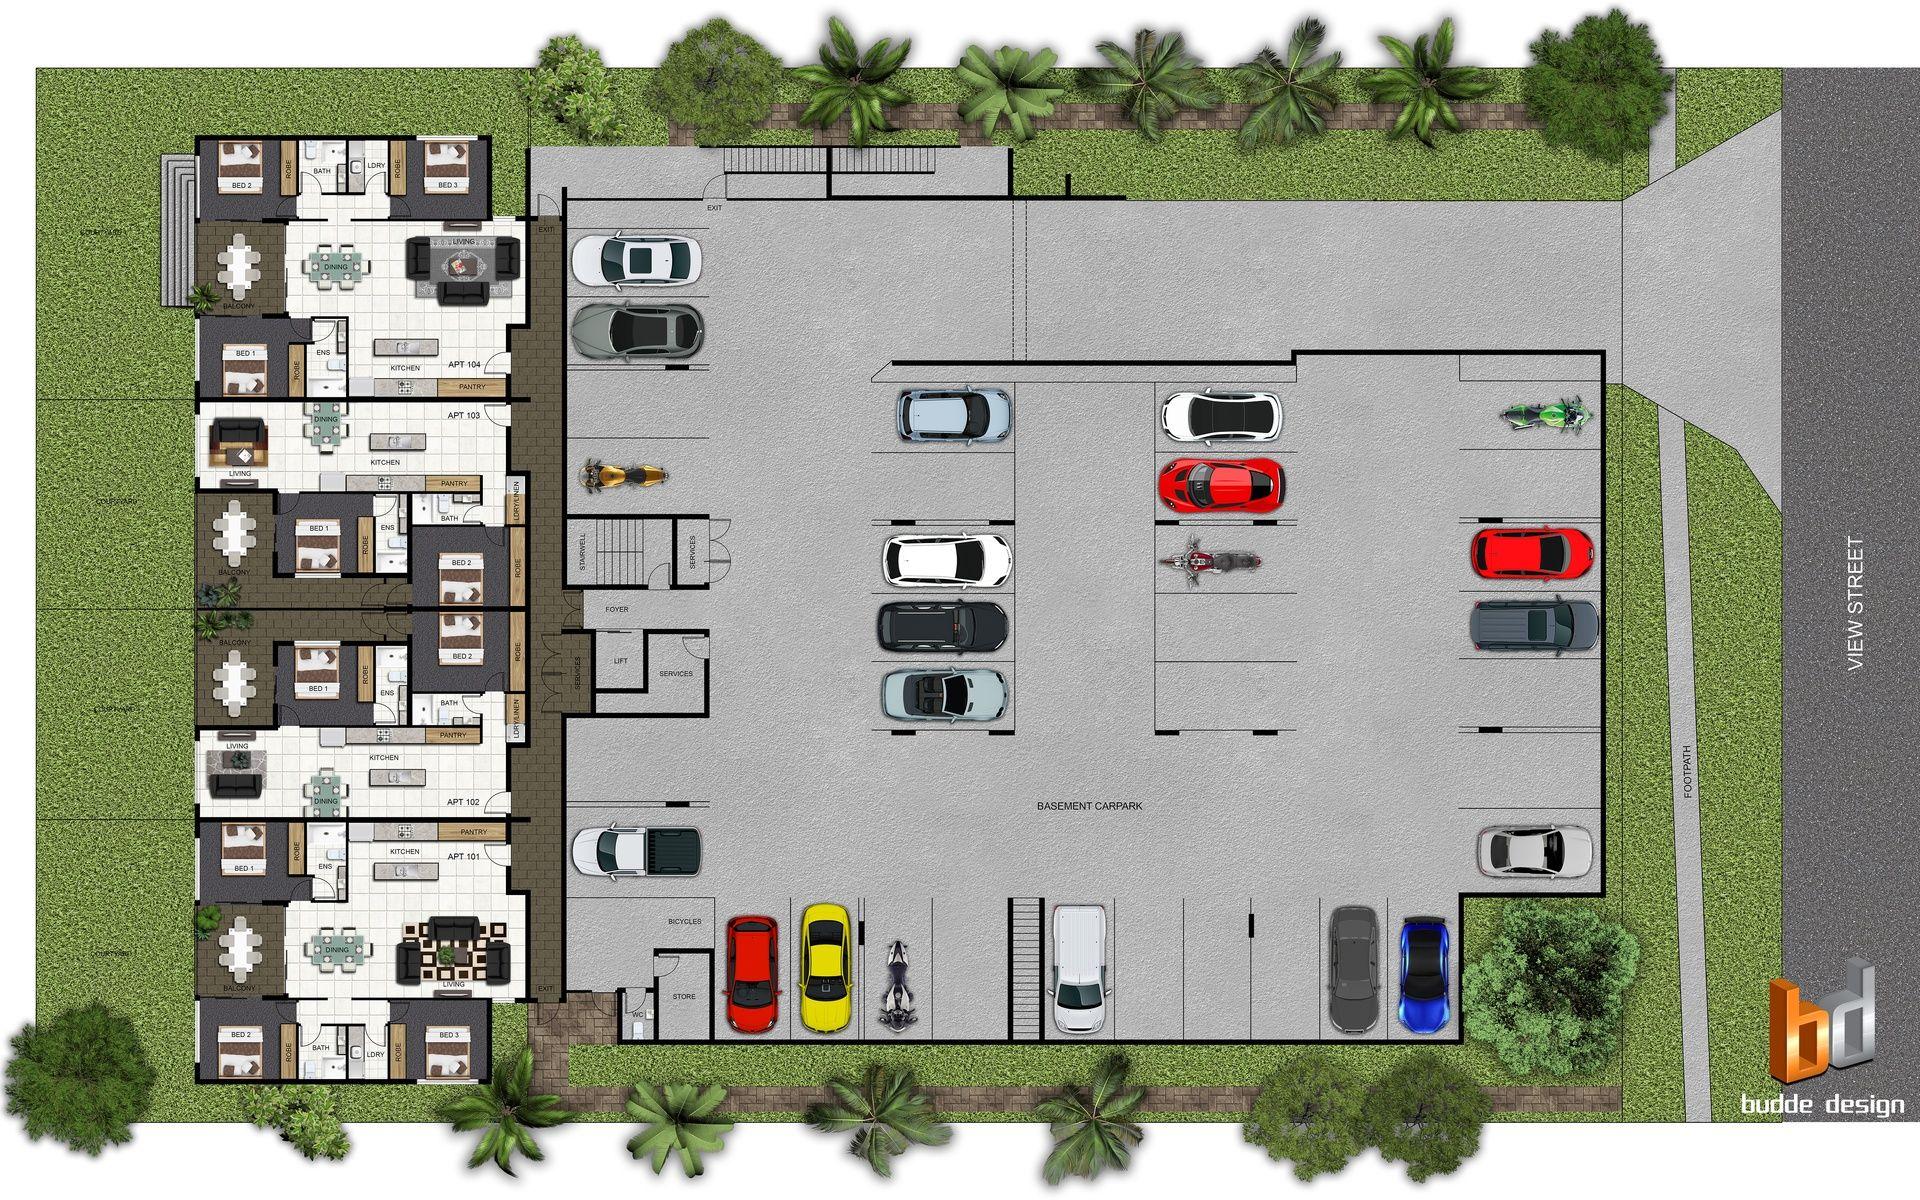 1st level 2d colour floor plan for a 4 level multi unit